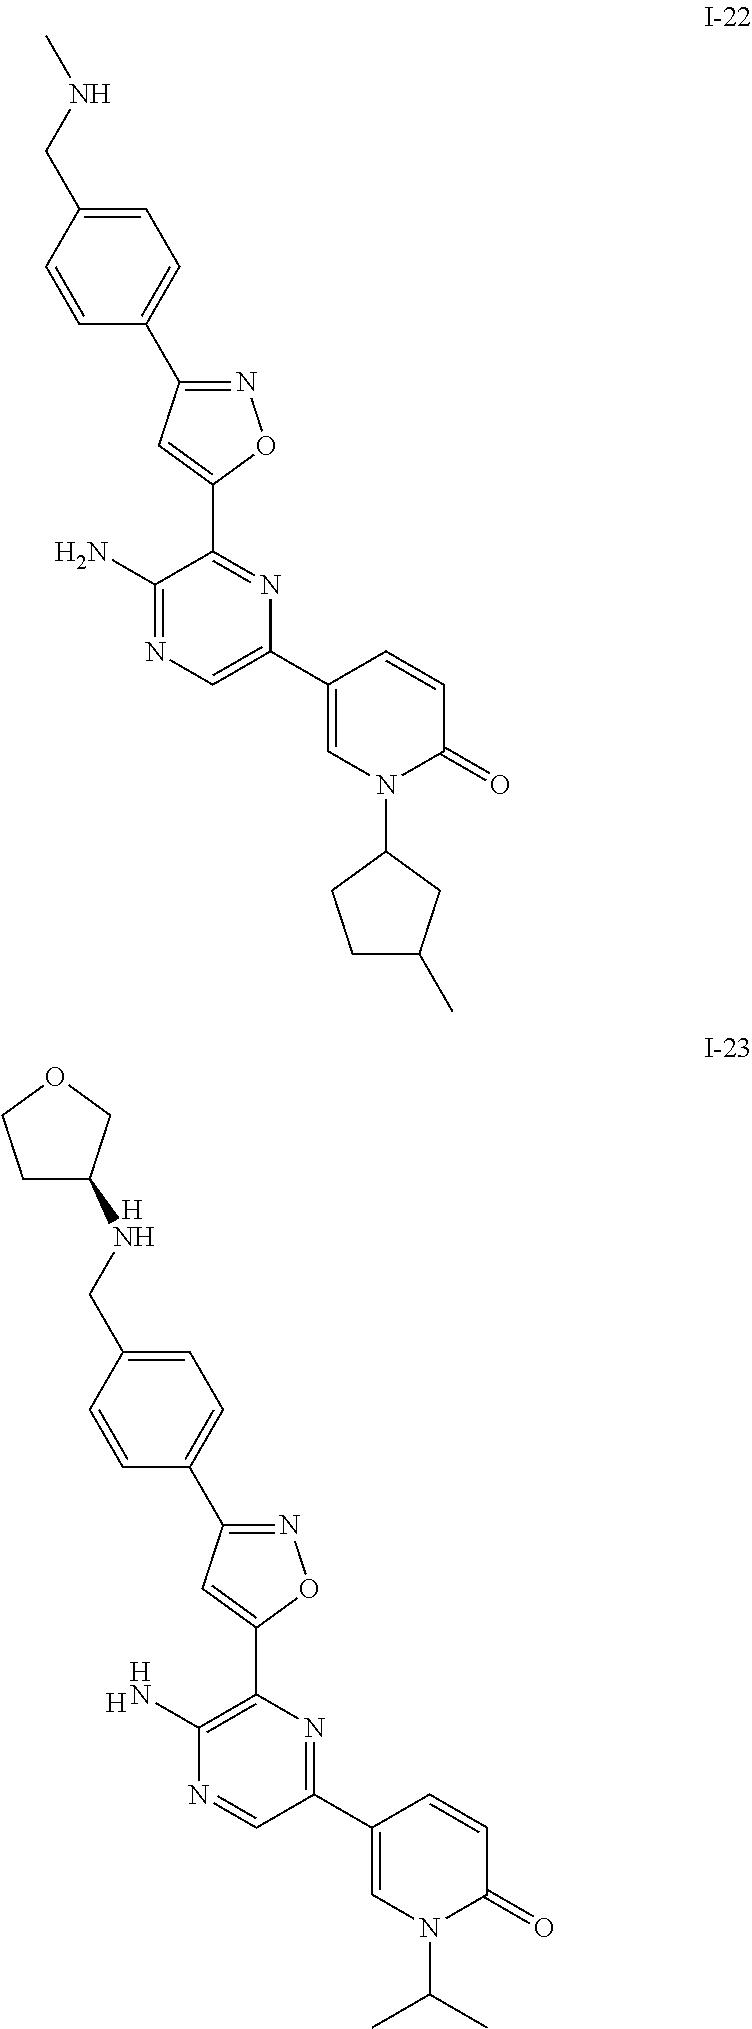 Figure US09630956-20170425-C00224